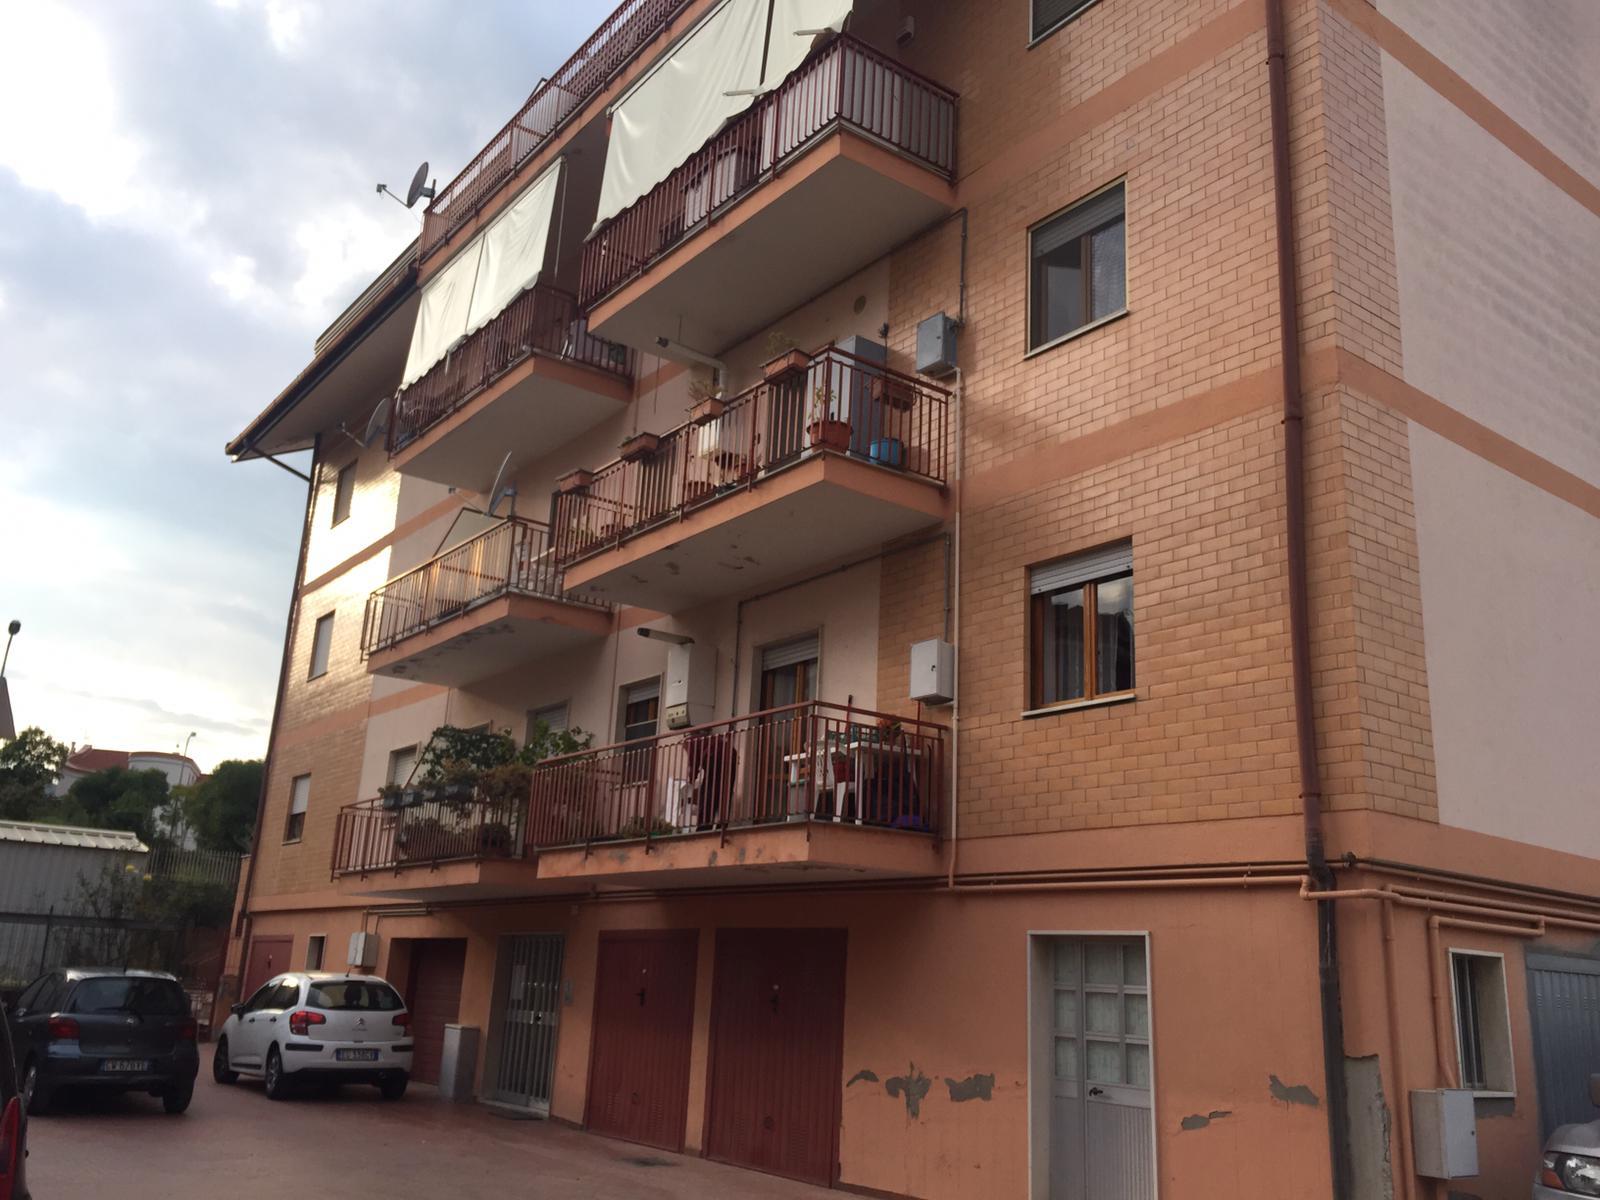 Appartamento in vendita a San Giorgio del Sannio, 4 locali, prezzo € 100.000 | CambioCasa.it